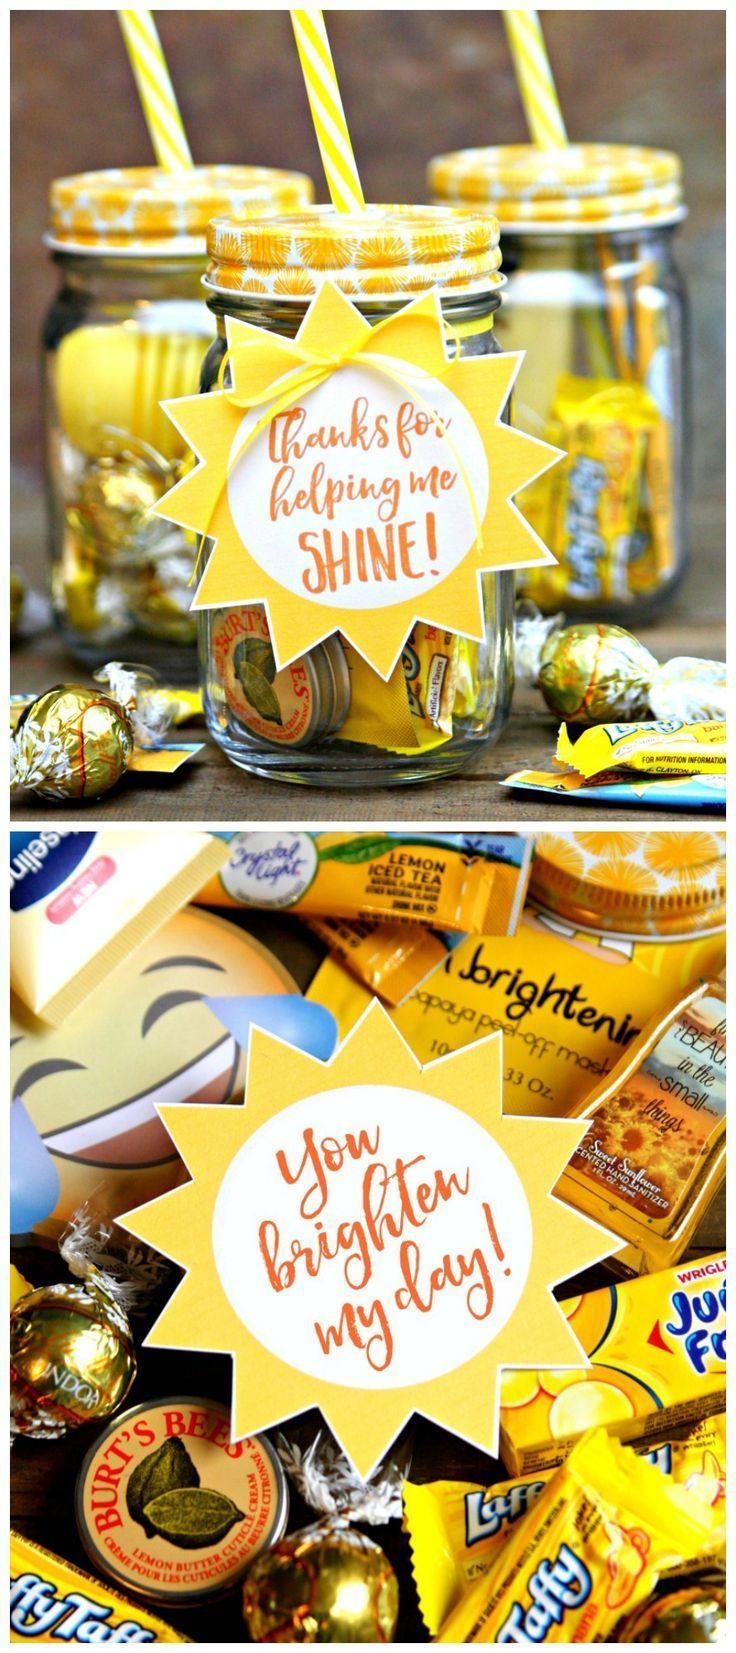 Glas Sonnenschein-Geschenk-Idee - Lehrer-Anerkennungs-Geschenk ...